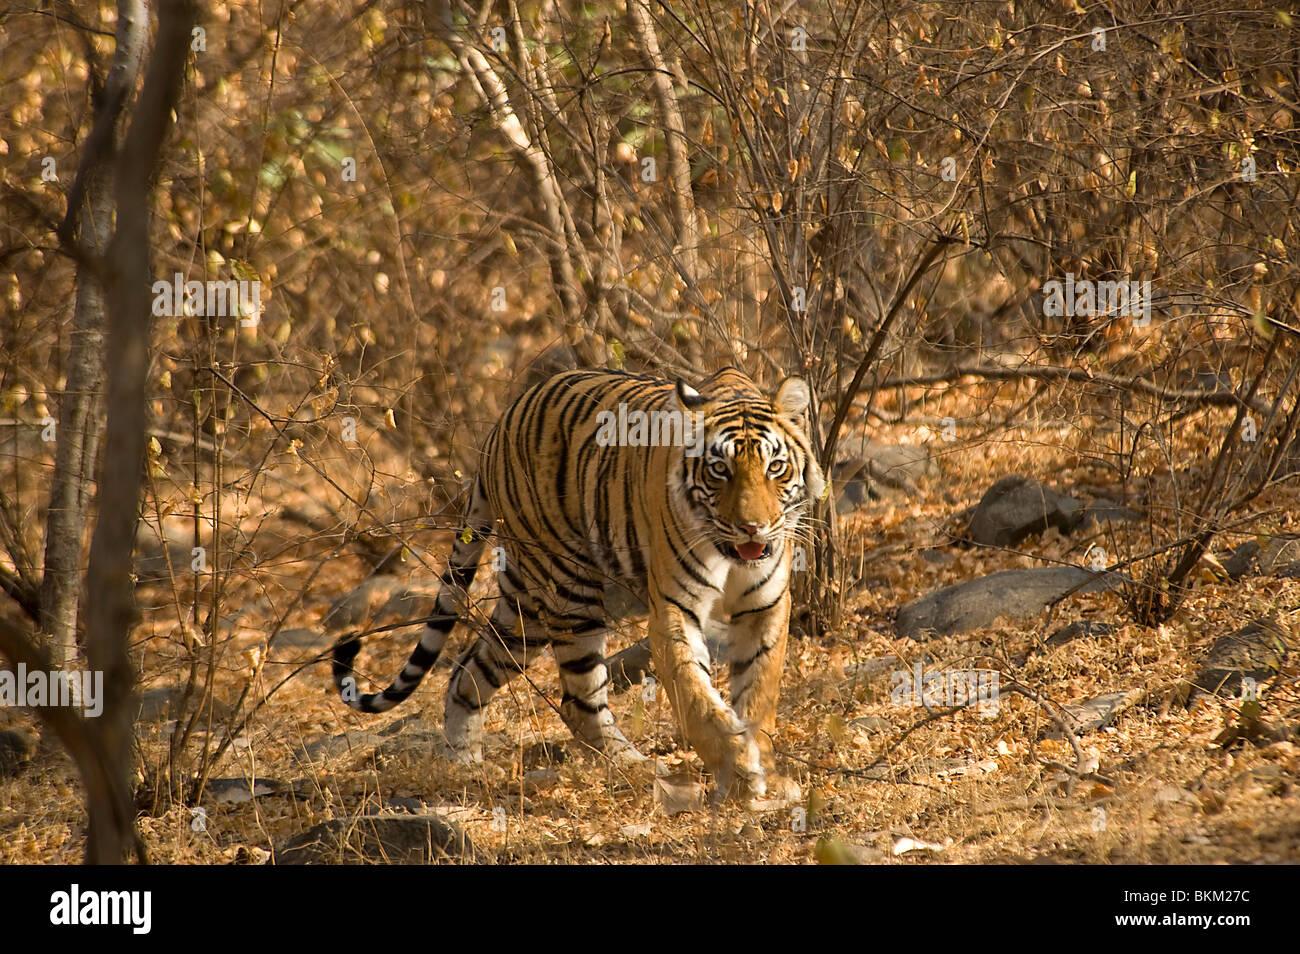 Male Bengal tiger, Panthera tigris, walking through scrub, Ranthambore N P, India - Stock Image